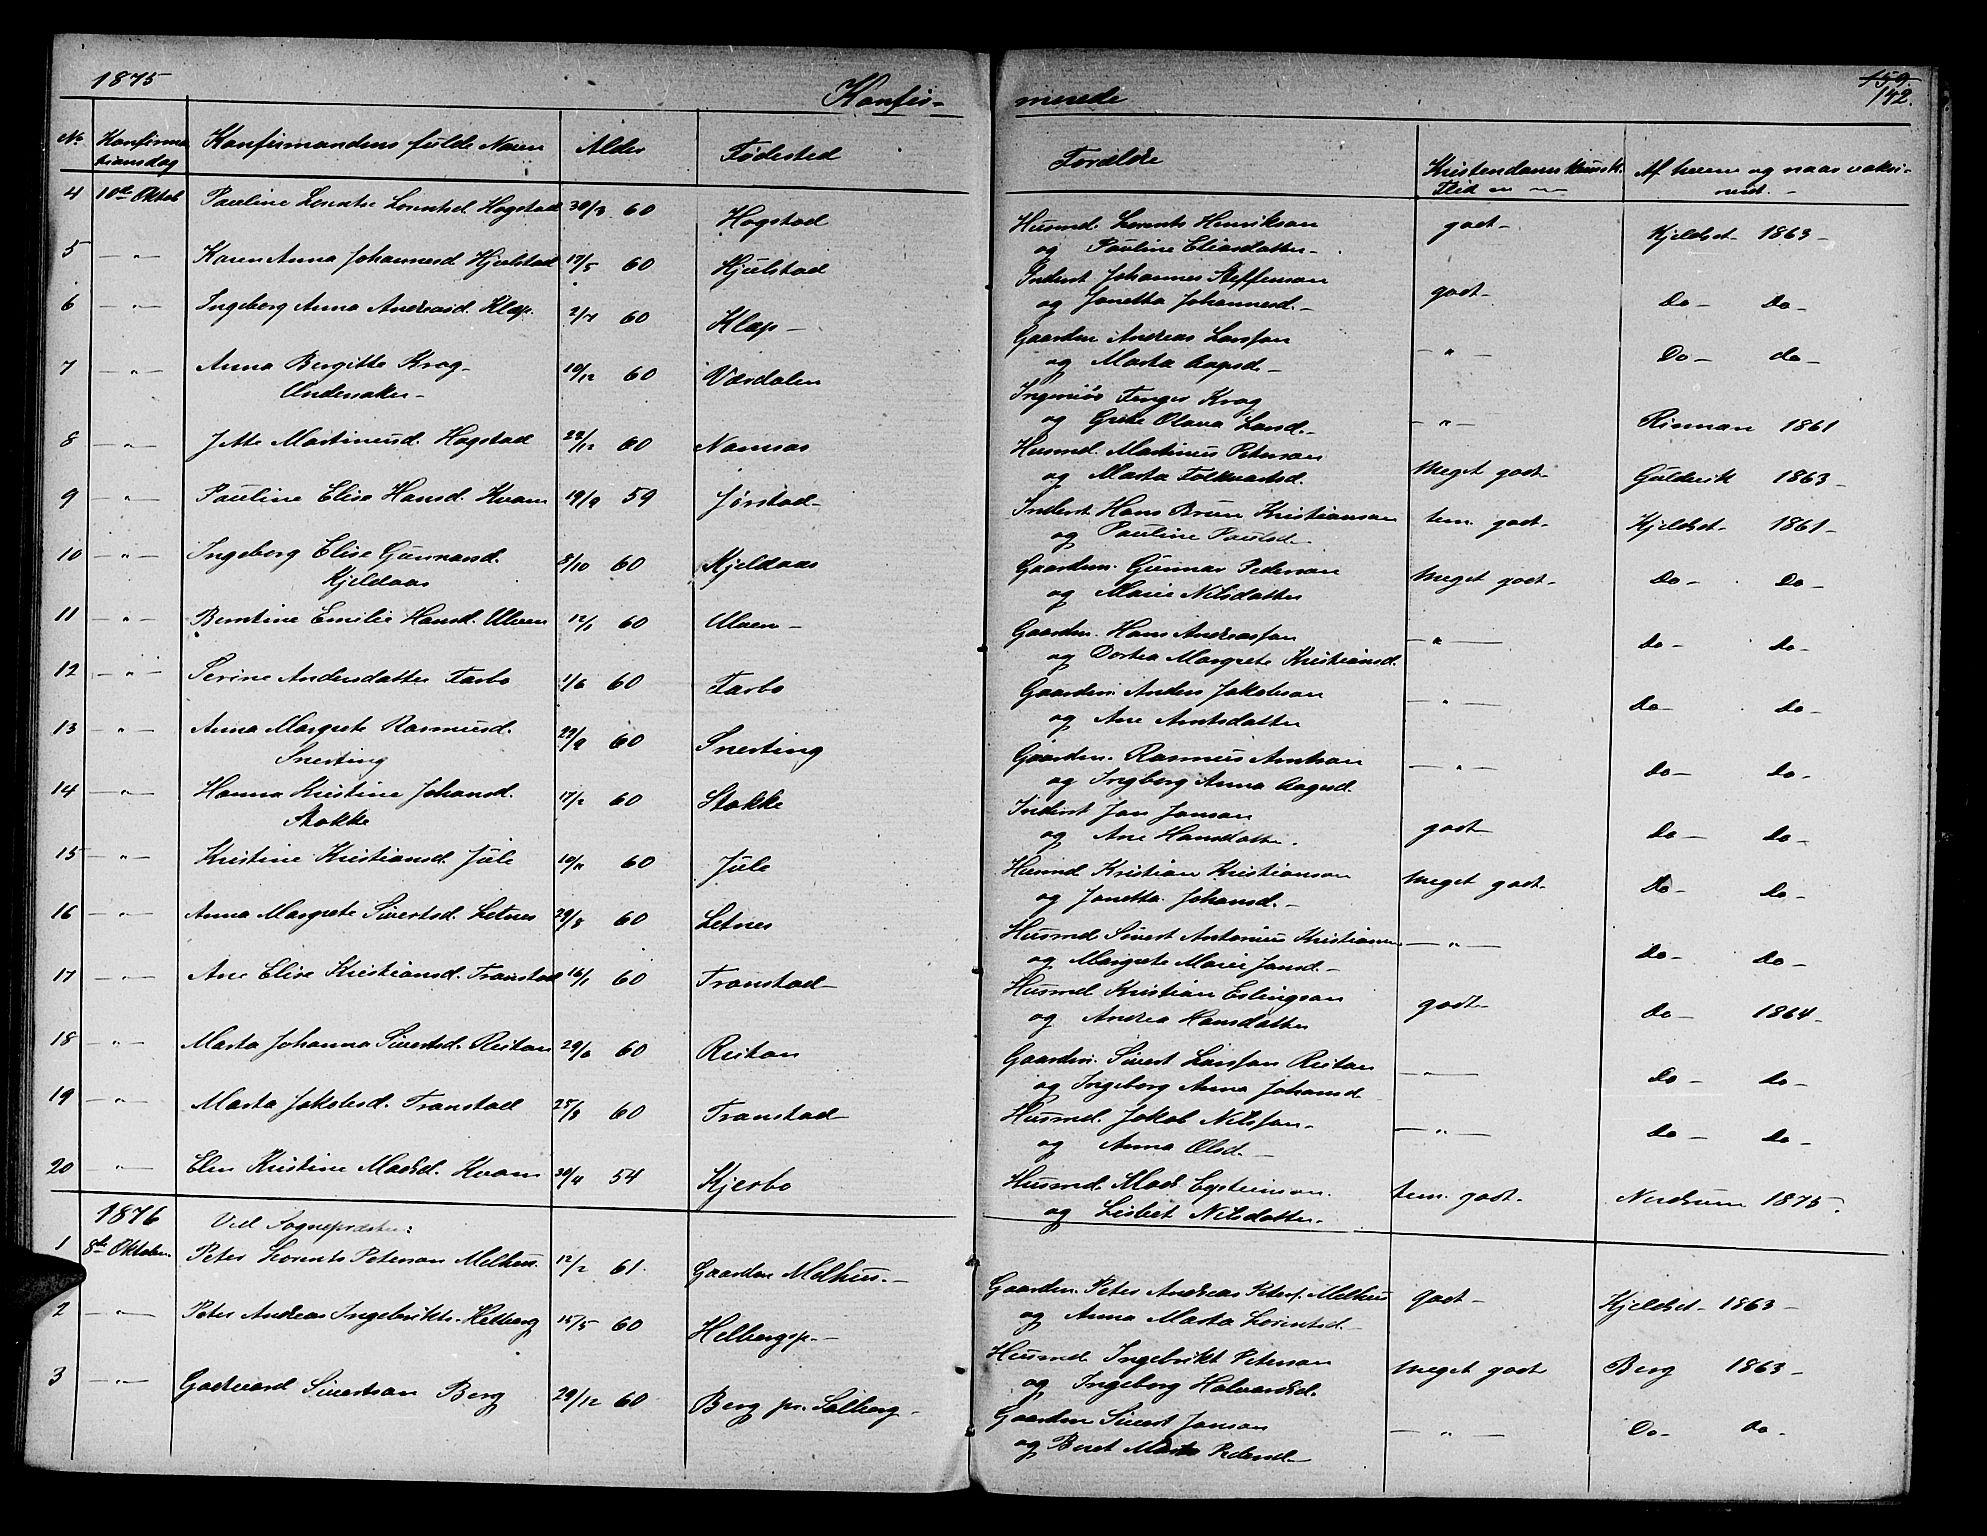 SAT, Ministerialprotokoller, klokkerbøker og fødselsregistre - Nord-Trøndelag, 730/L0300: Klokkerbok nr. 730C03, 1872-1879, s. 142